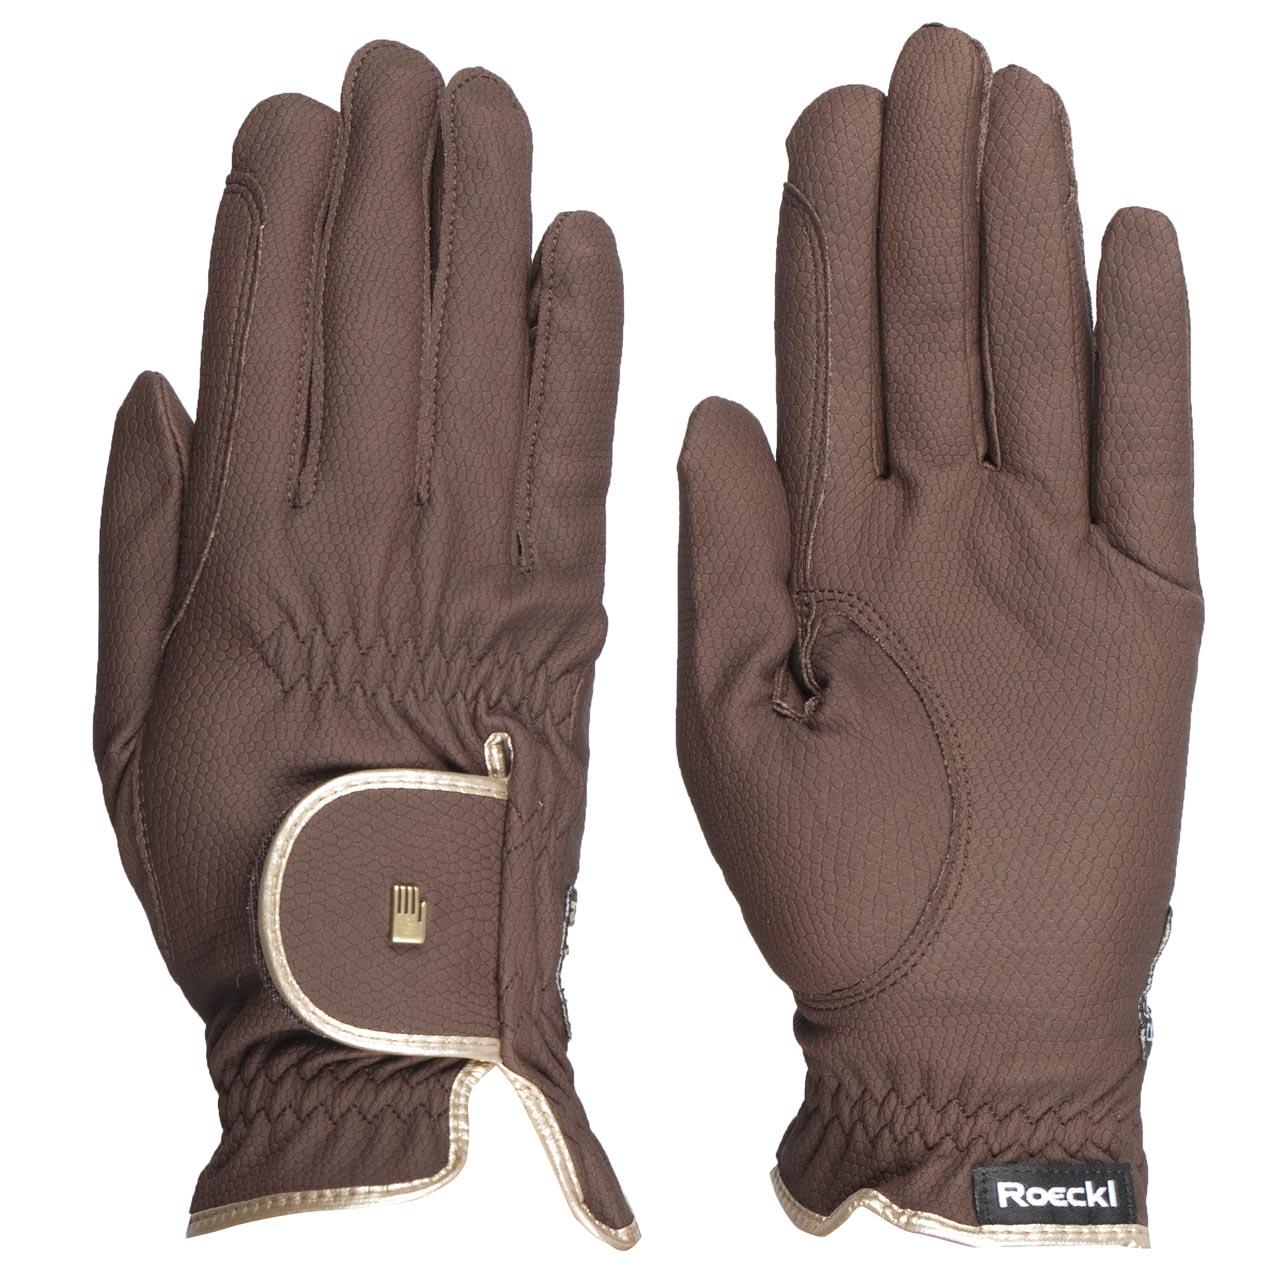 Roeckl Lona handschoenen donkerbruin maat:7,5